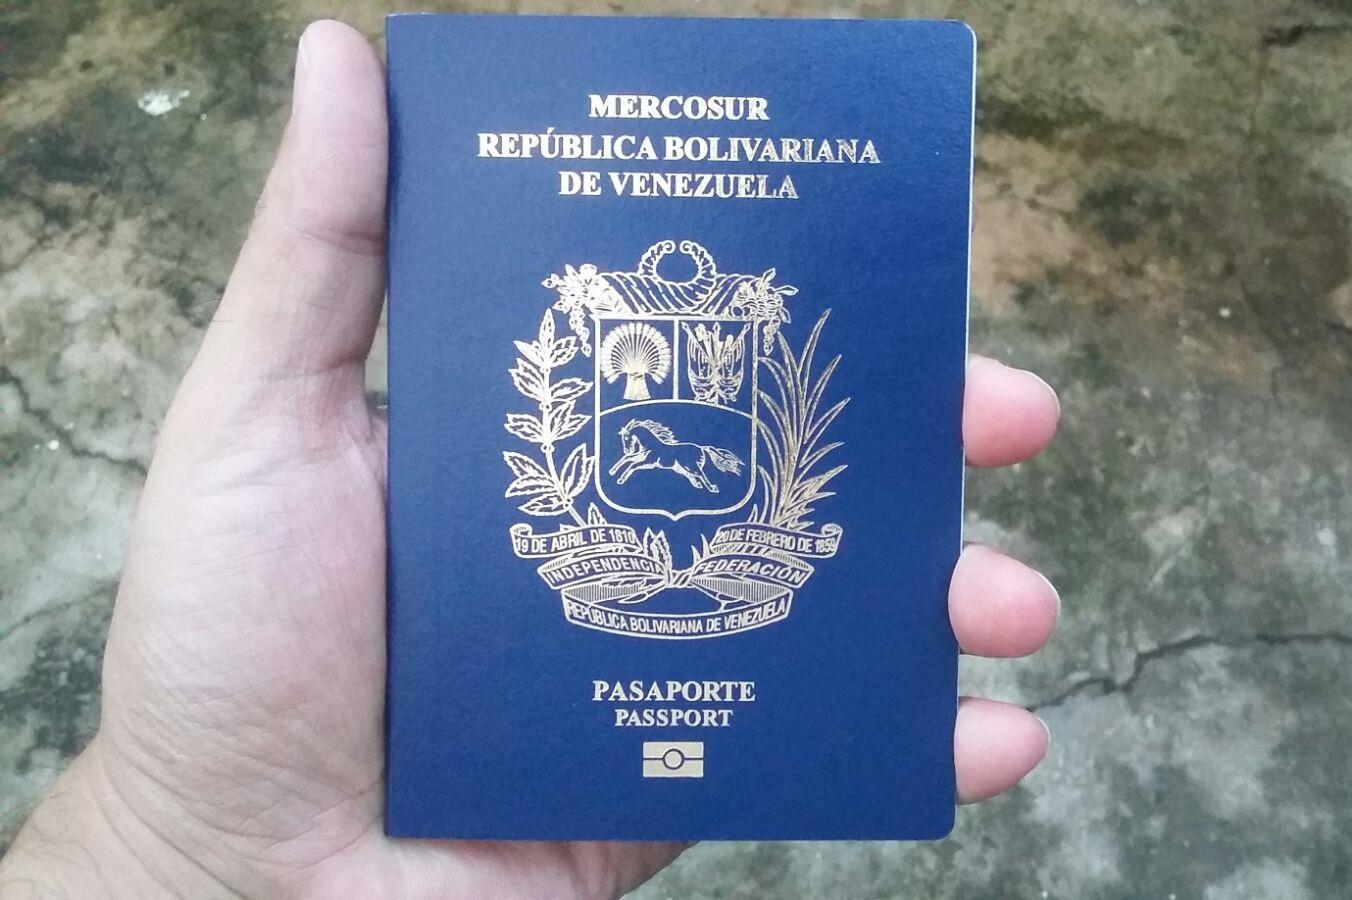 Fotos urgentes para pasaporte df domingo 71